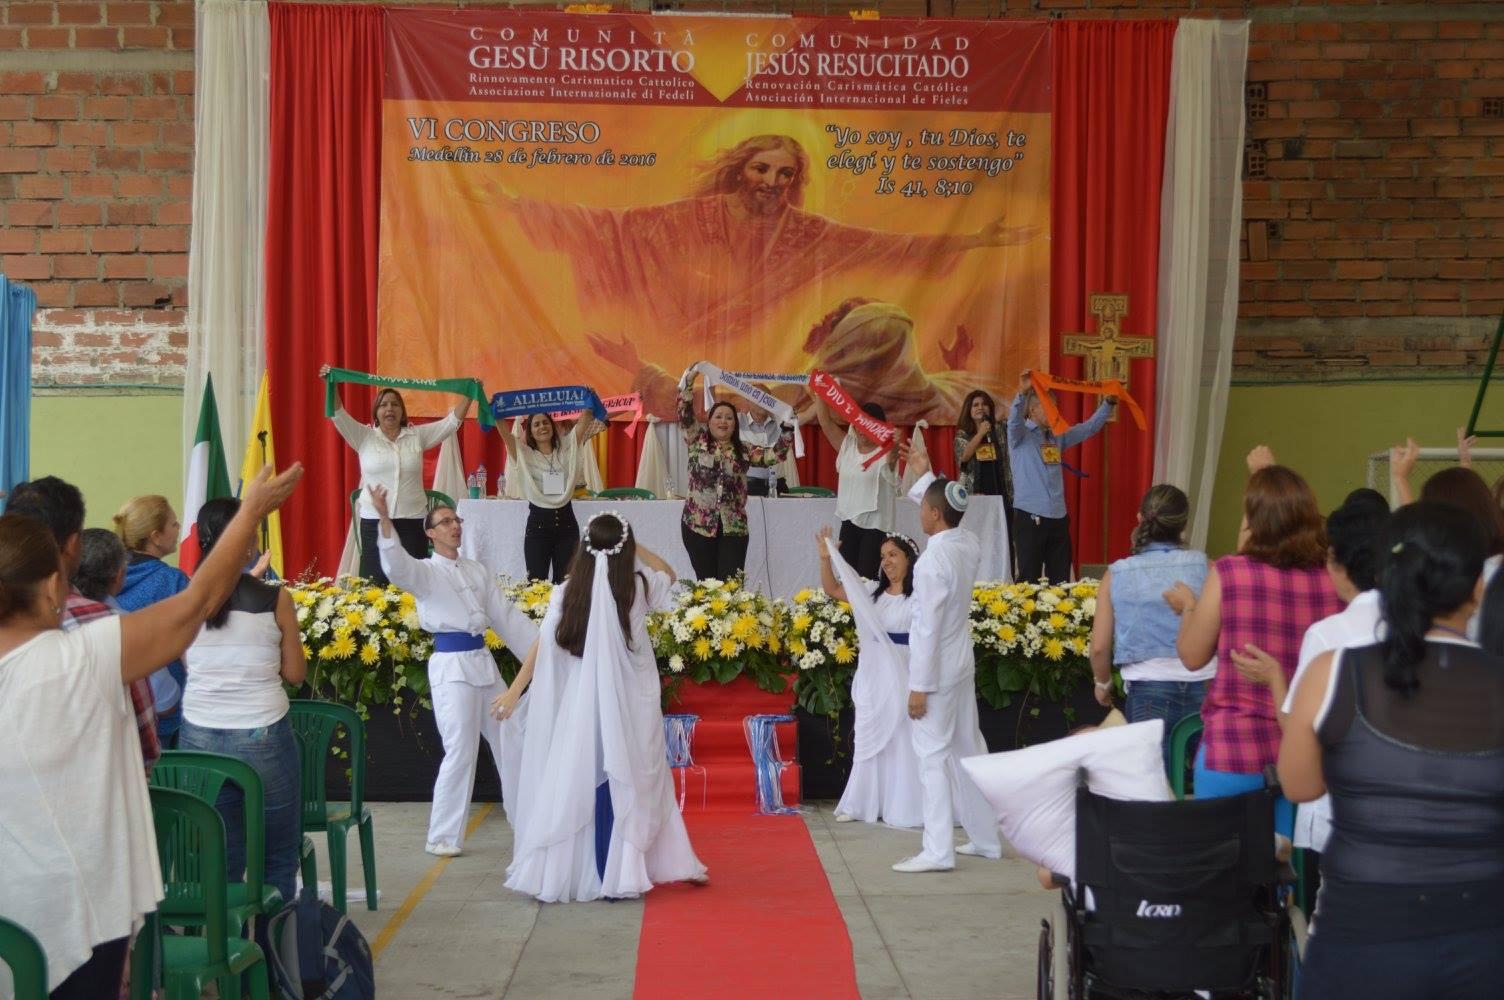 VI Convegno Nazionale della Comunità Gesù Risorto della Colombia